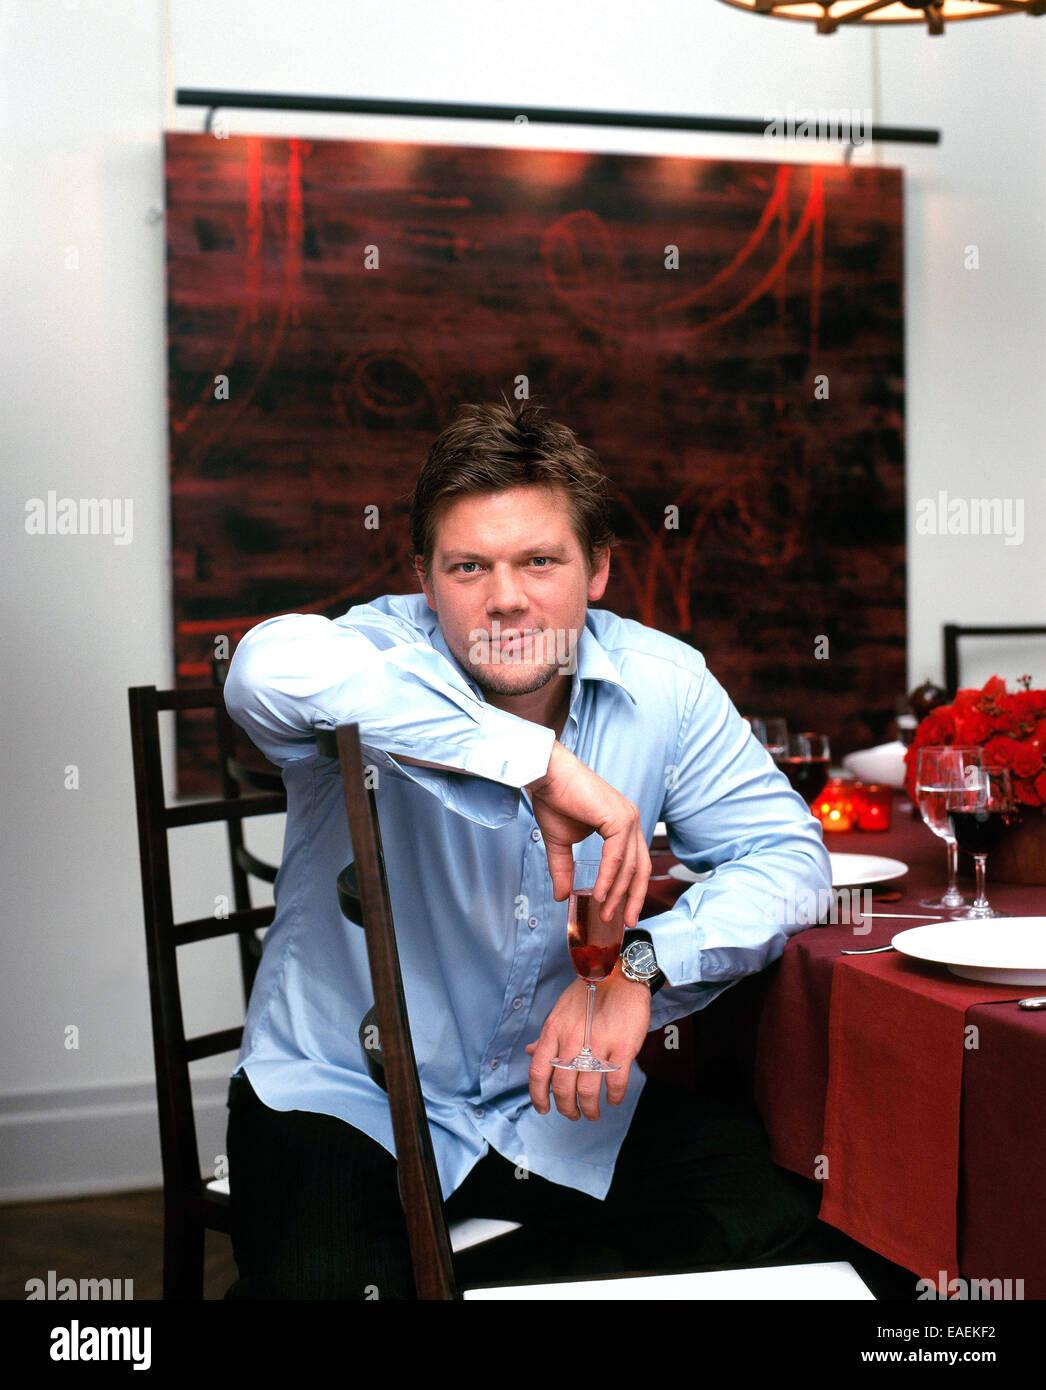 Televisión celebrity chef Tylor Florencia se sienta en la mesa de comedor Imagen De Stock